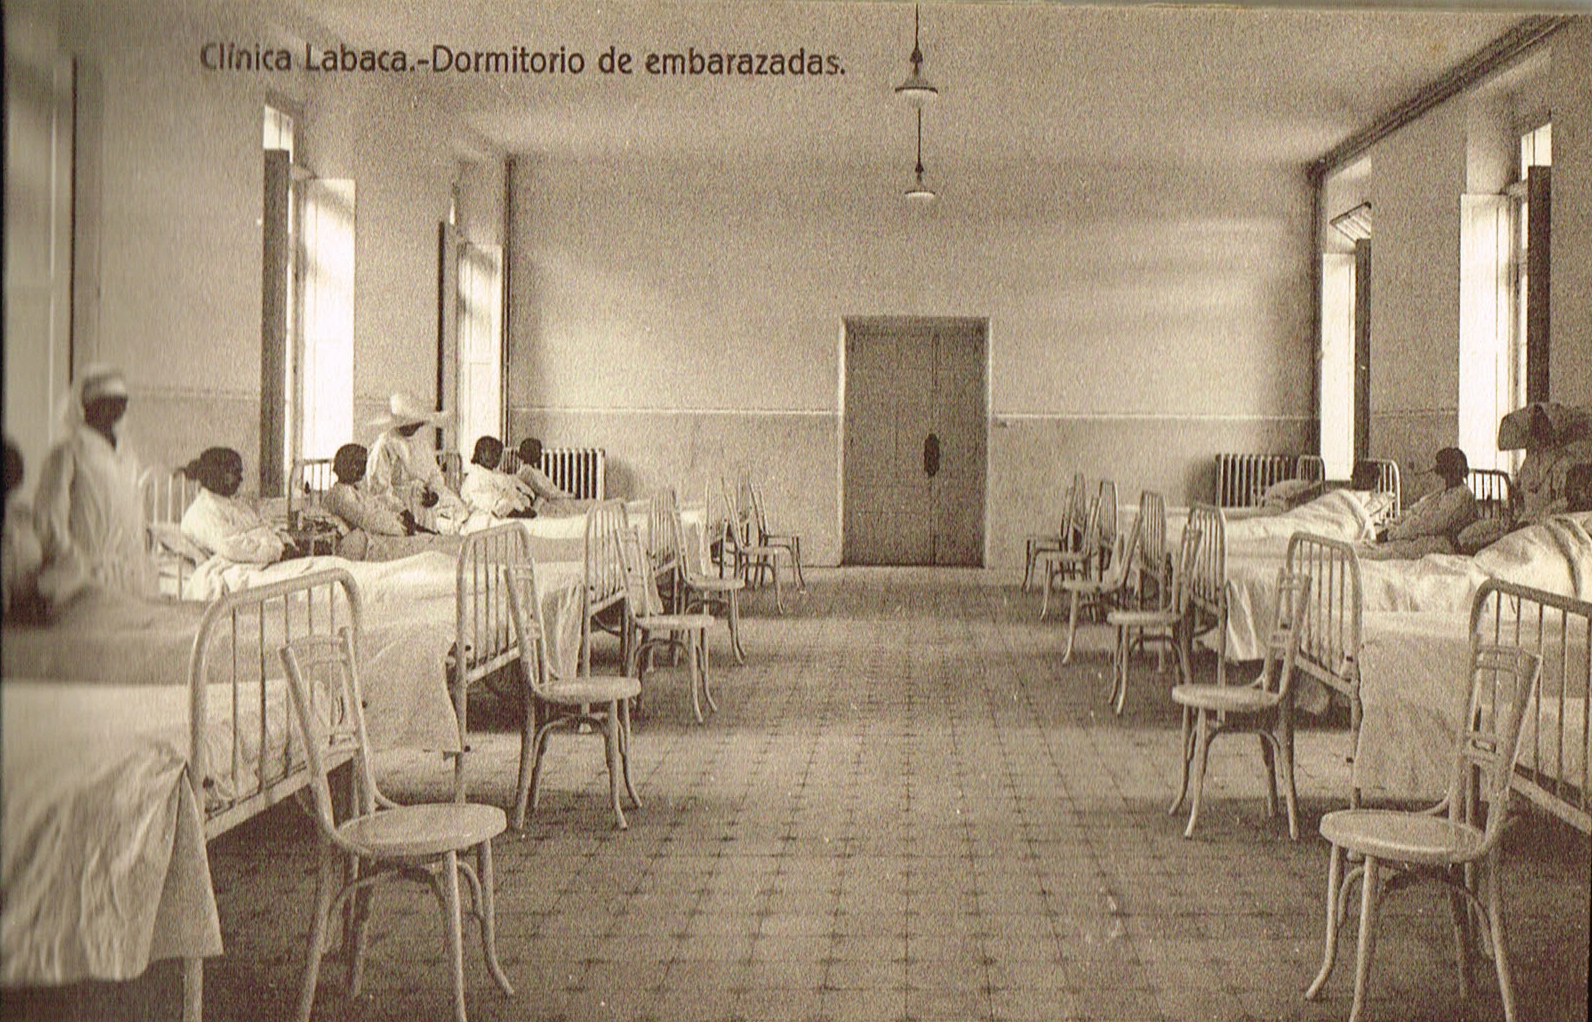 Clínica Labaca, dormitorio de embarazadas